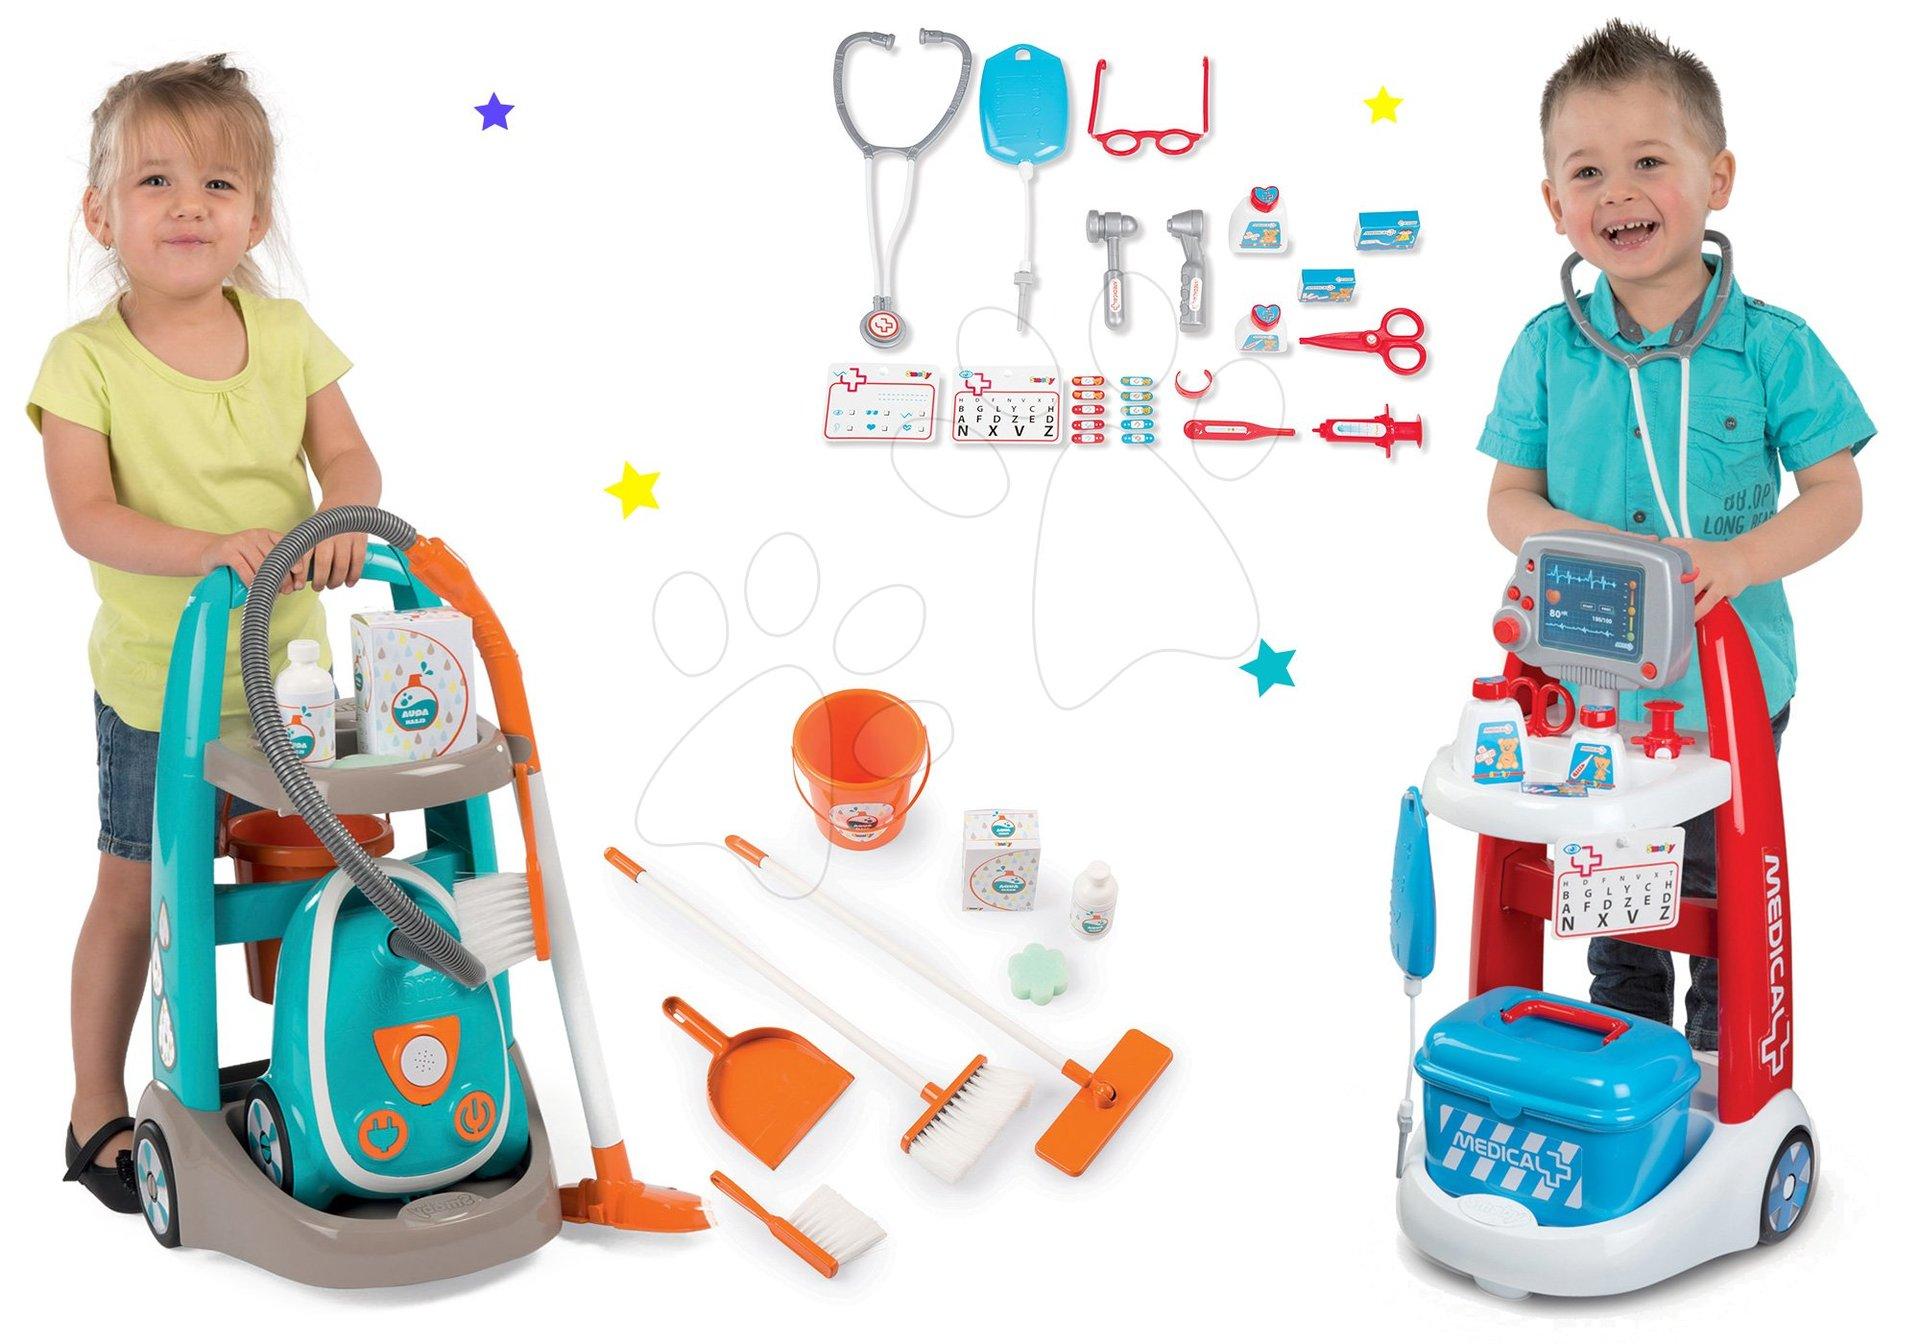 Set úklidový vozík s elektronickým vysavačem Vacuum Cleaner Smoby a lékařský vozík s kufříkem